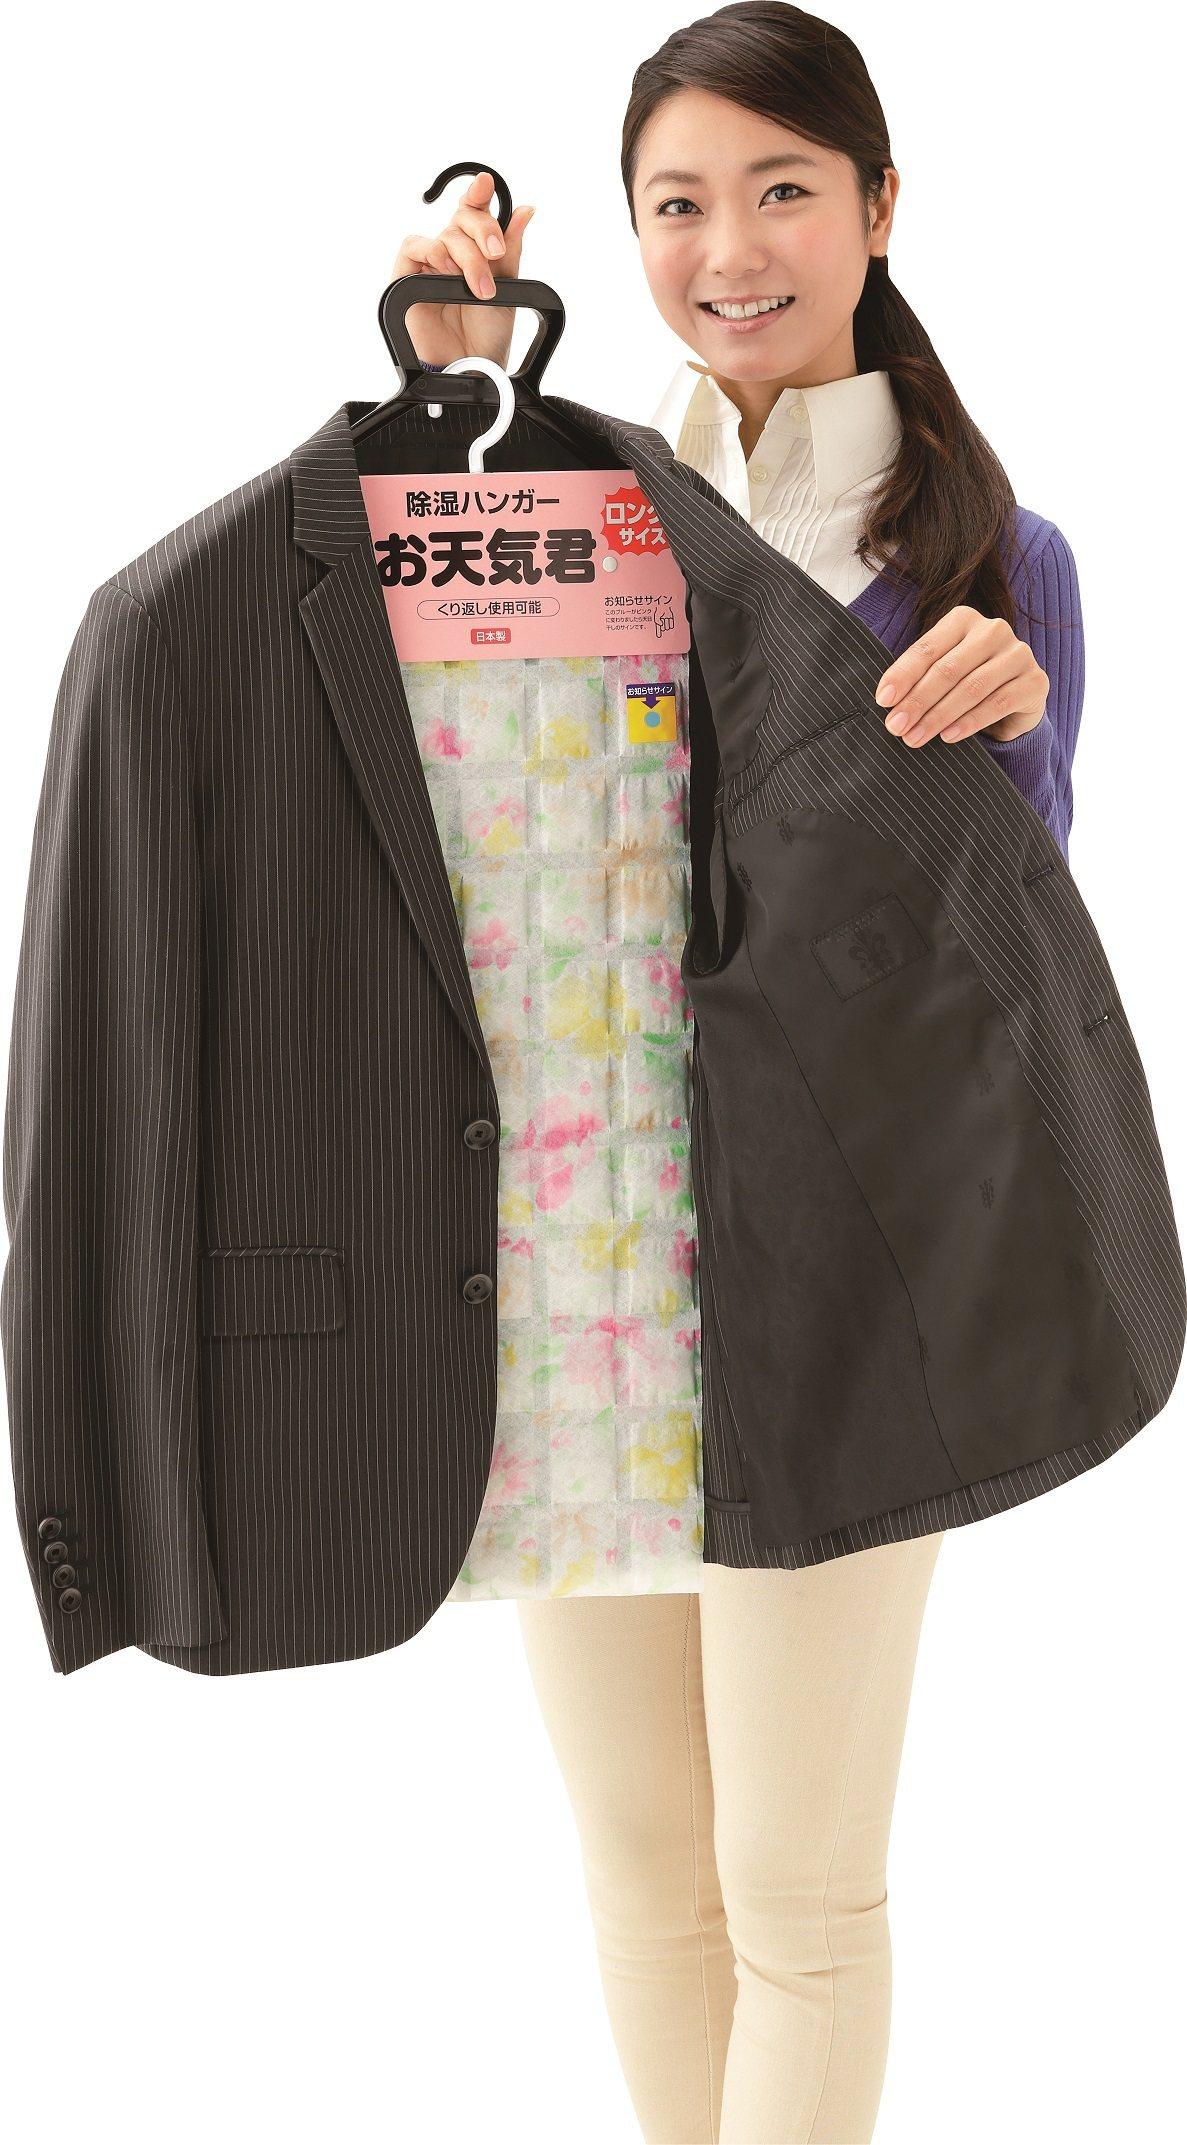 台隆手創館獨家販售的衣物防潮掛墊,售價350元。圖/台隆手創館提供